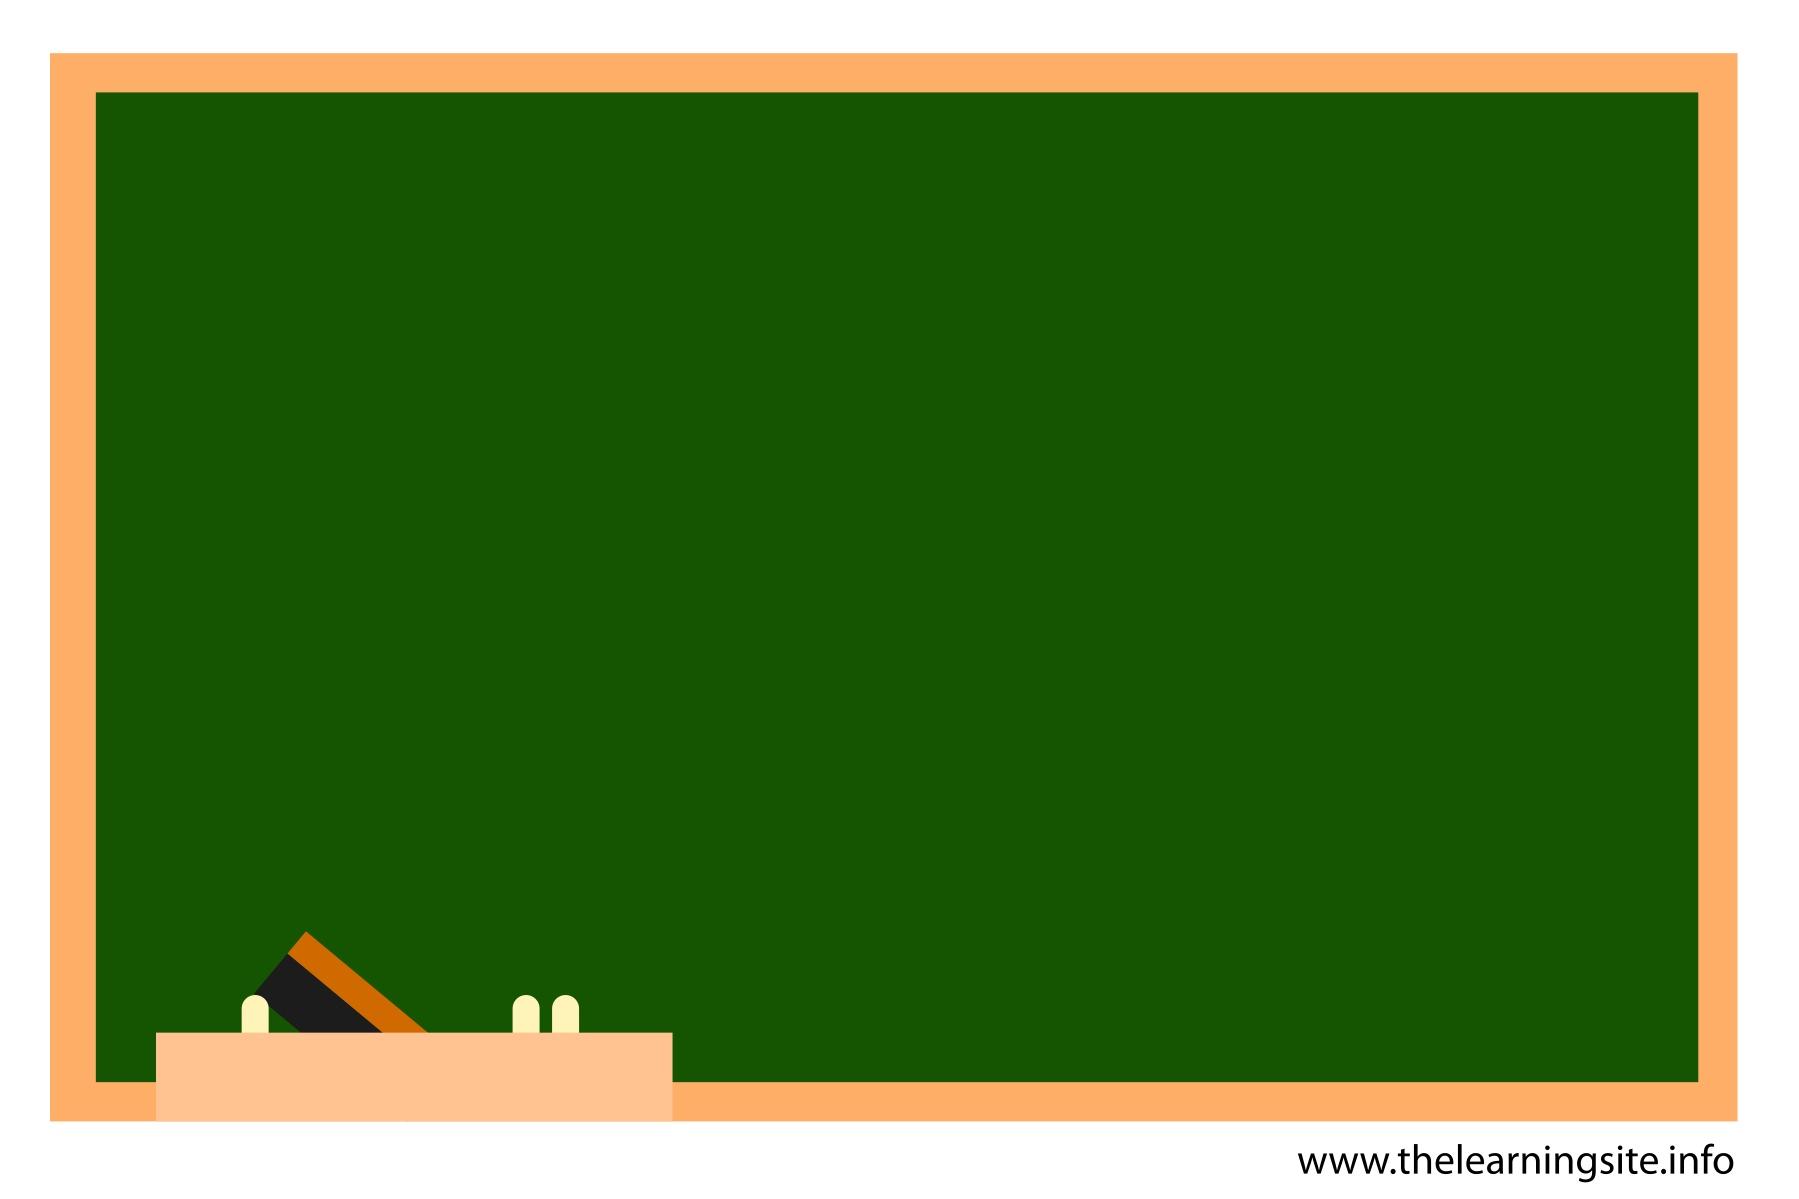 Green School Chalkboard PPT Backgrounds